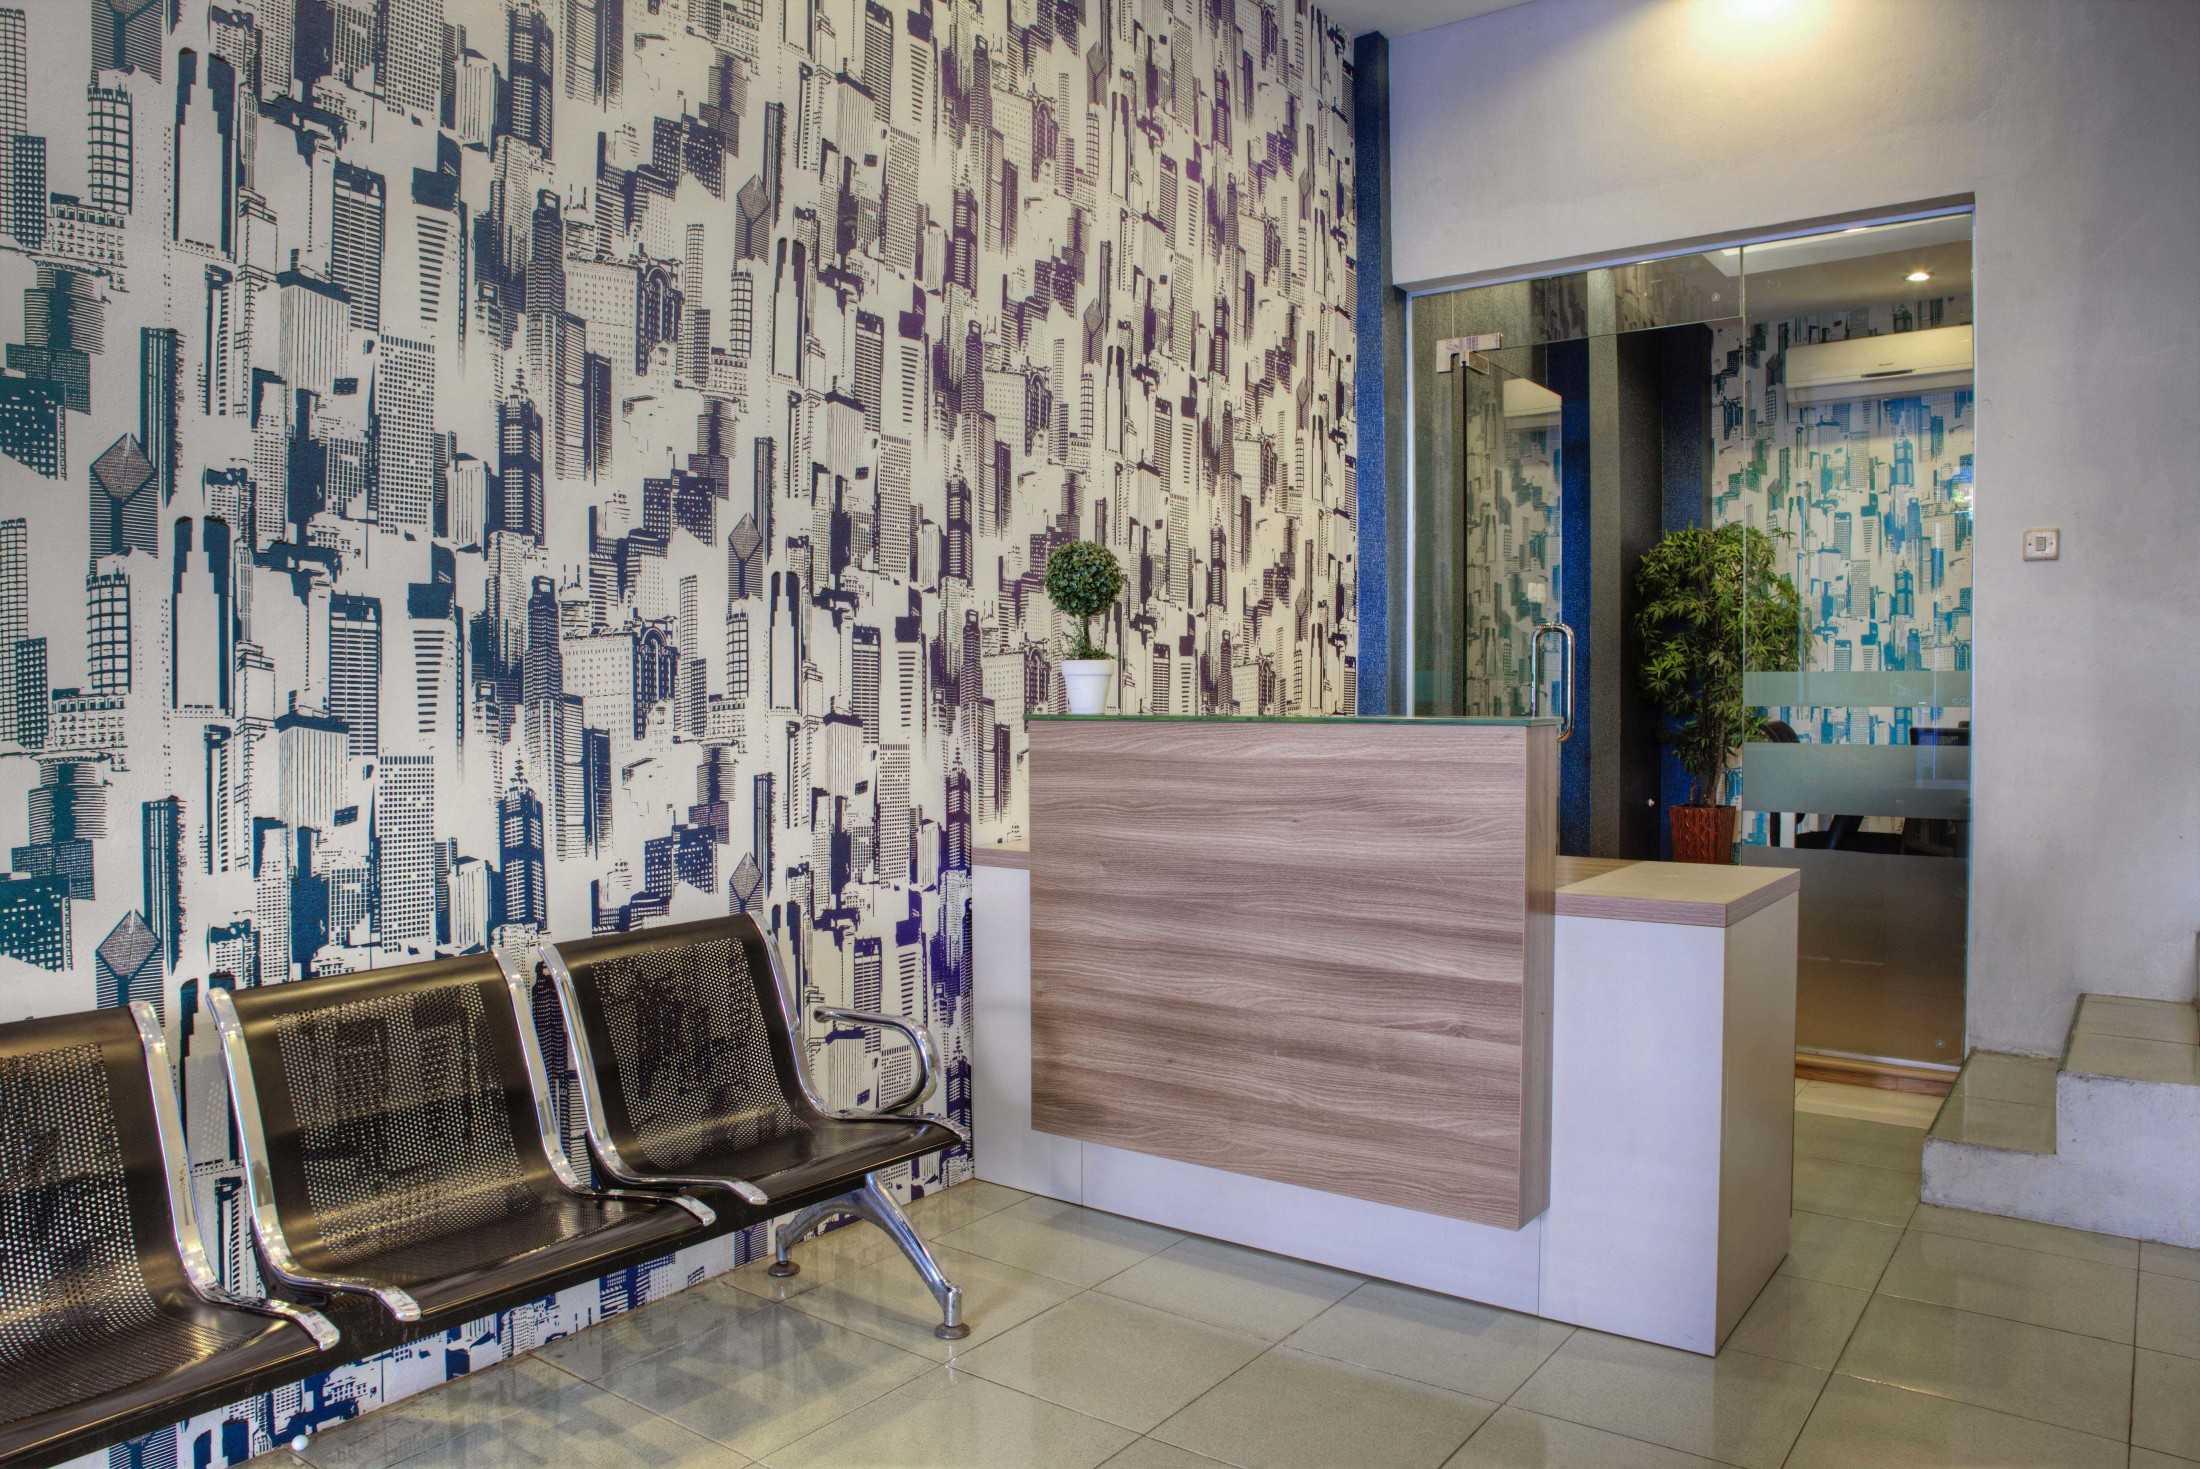 Total Renov Ruang Meeting Office Dan Mogot Jl. Daan Mogot, Indonesia Jl. Daan Mogot, Indonesia Total-Renov-Ruang-Meeting-Office-Dan-Mogot  59878